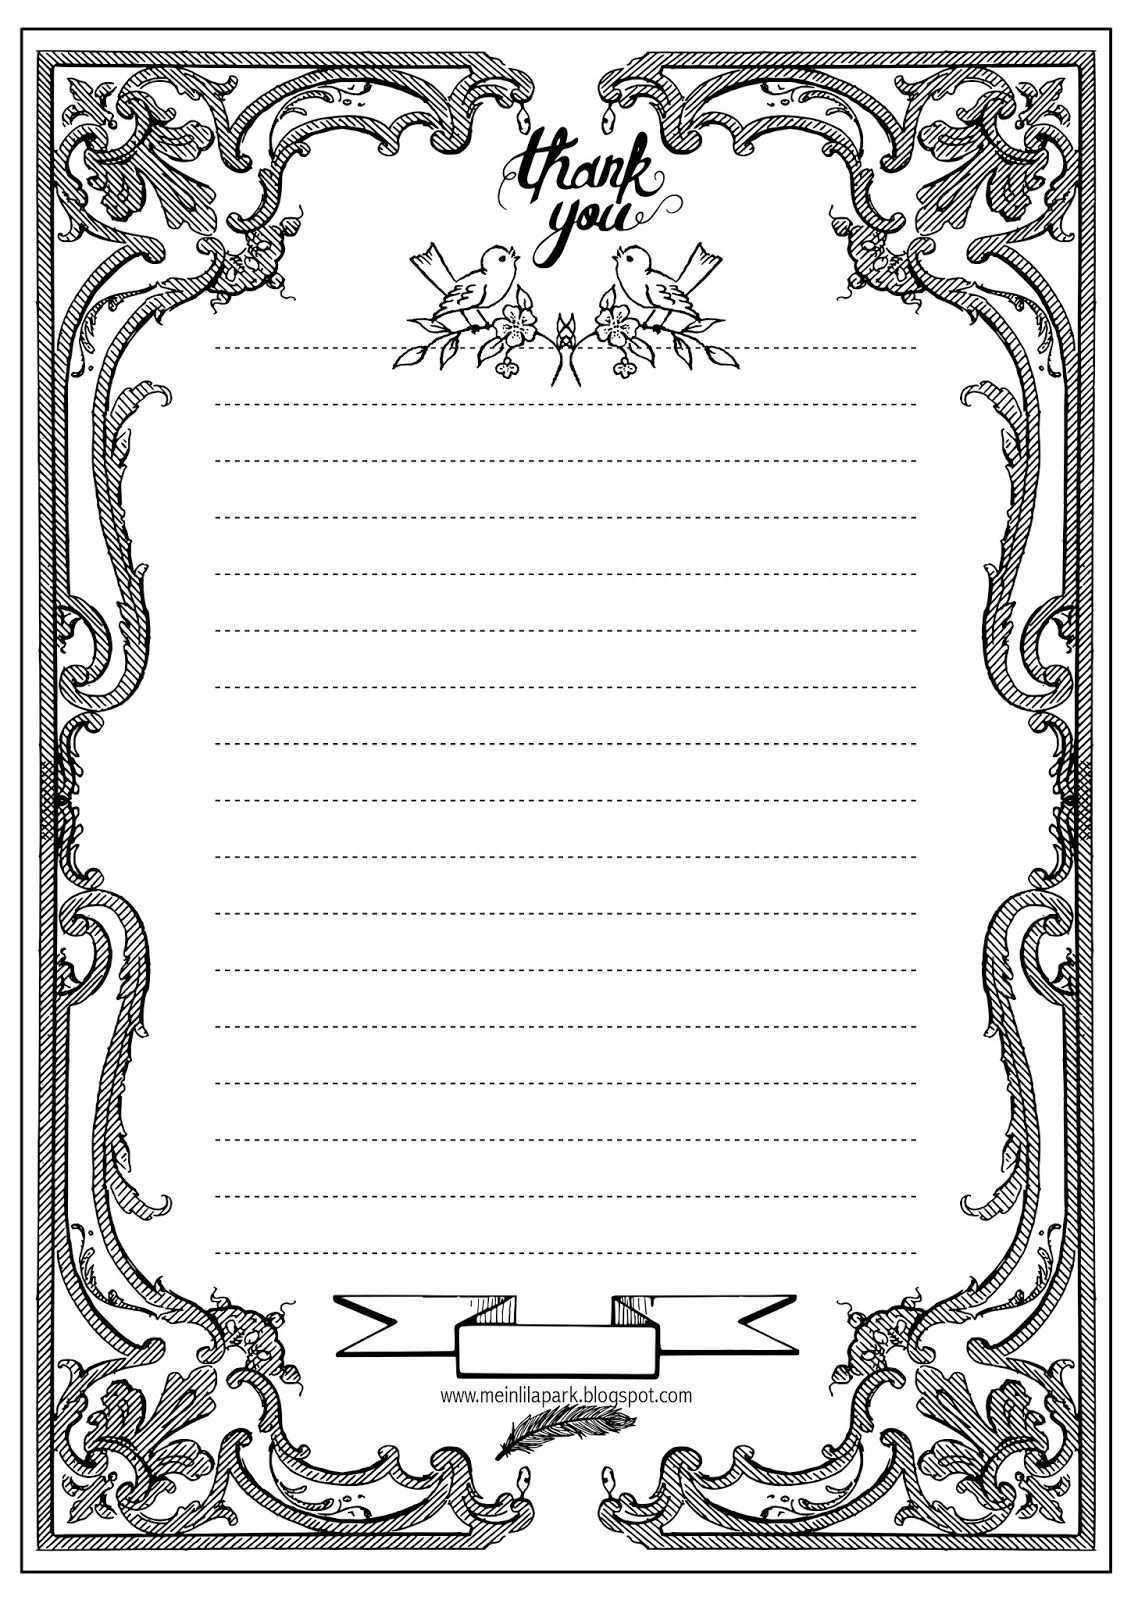 Free Printable Thank You Writing Paper Ausruckbares Briefpapier Freebie Briefpapier Vorlage Briefpapier Briefpapier Zum Ausdrucken